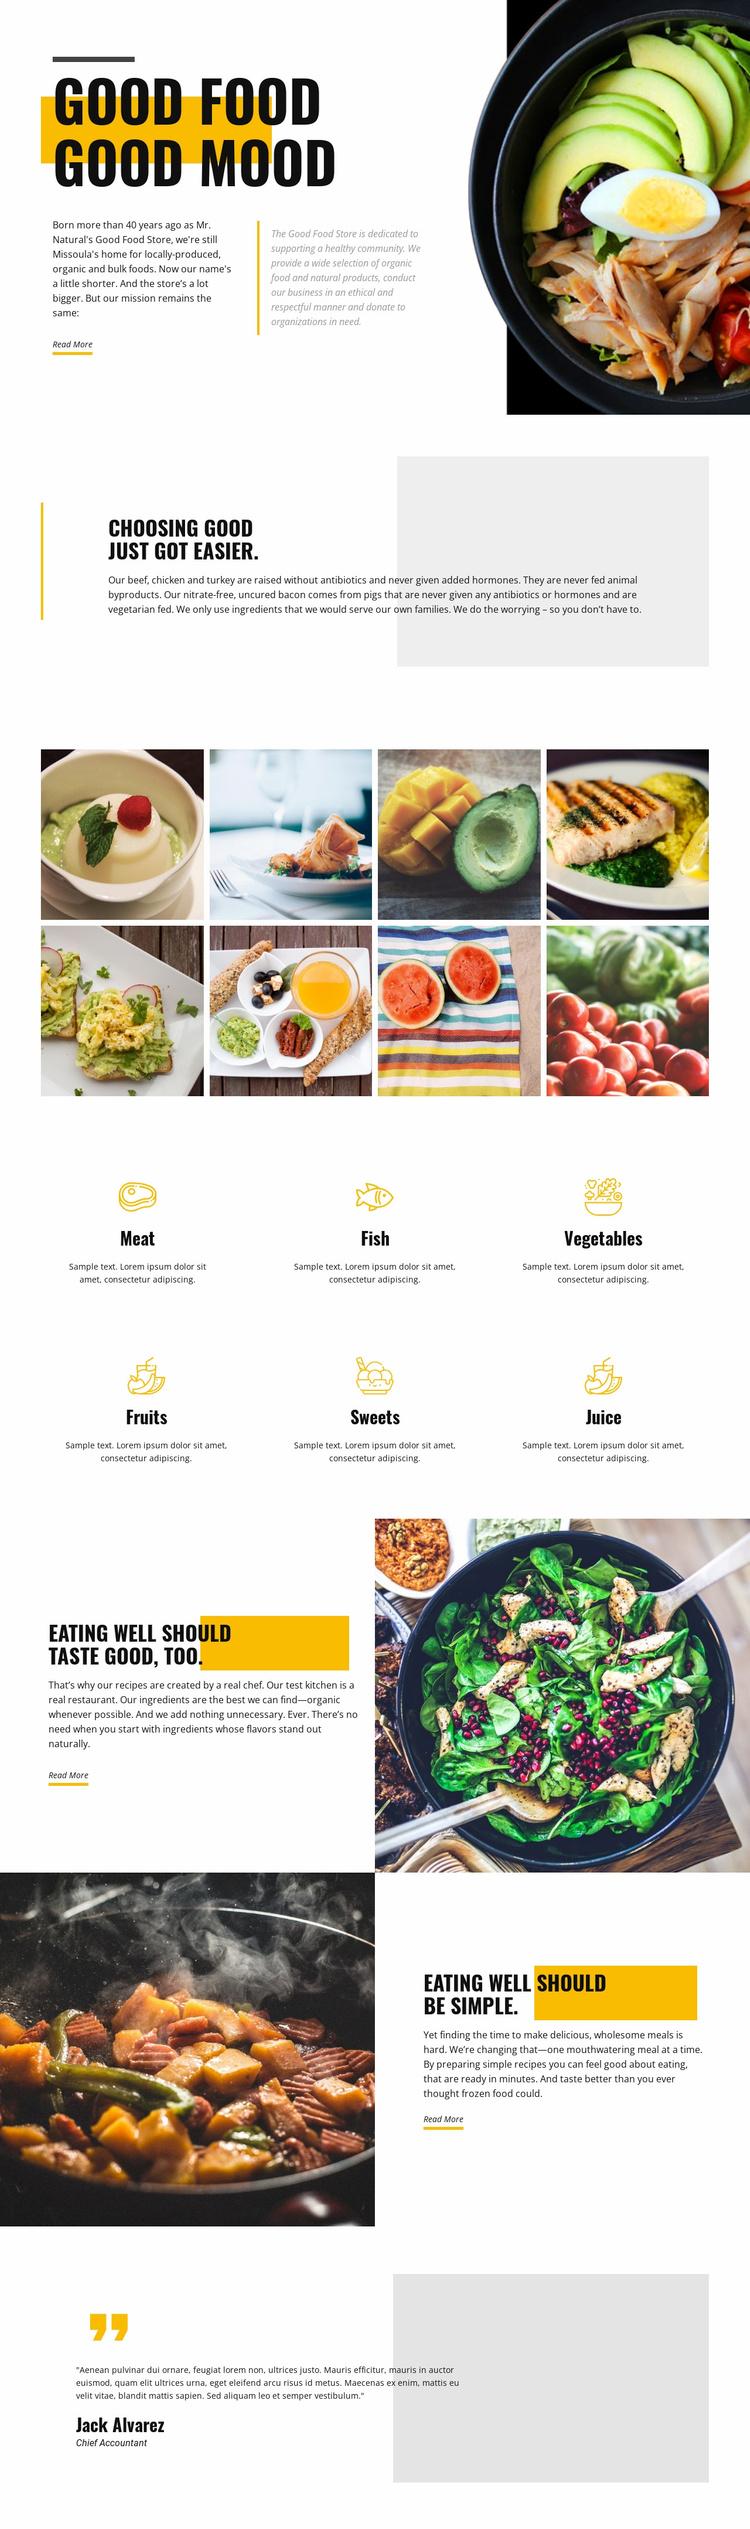 Good mood good food Website Template